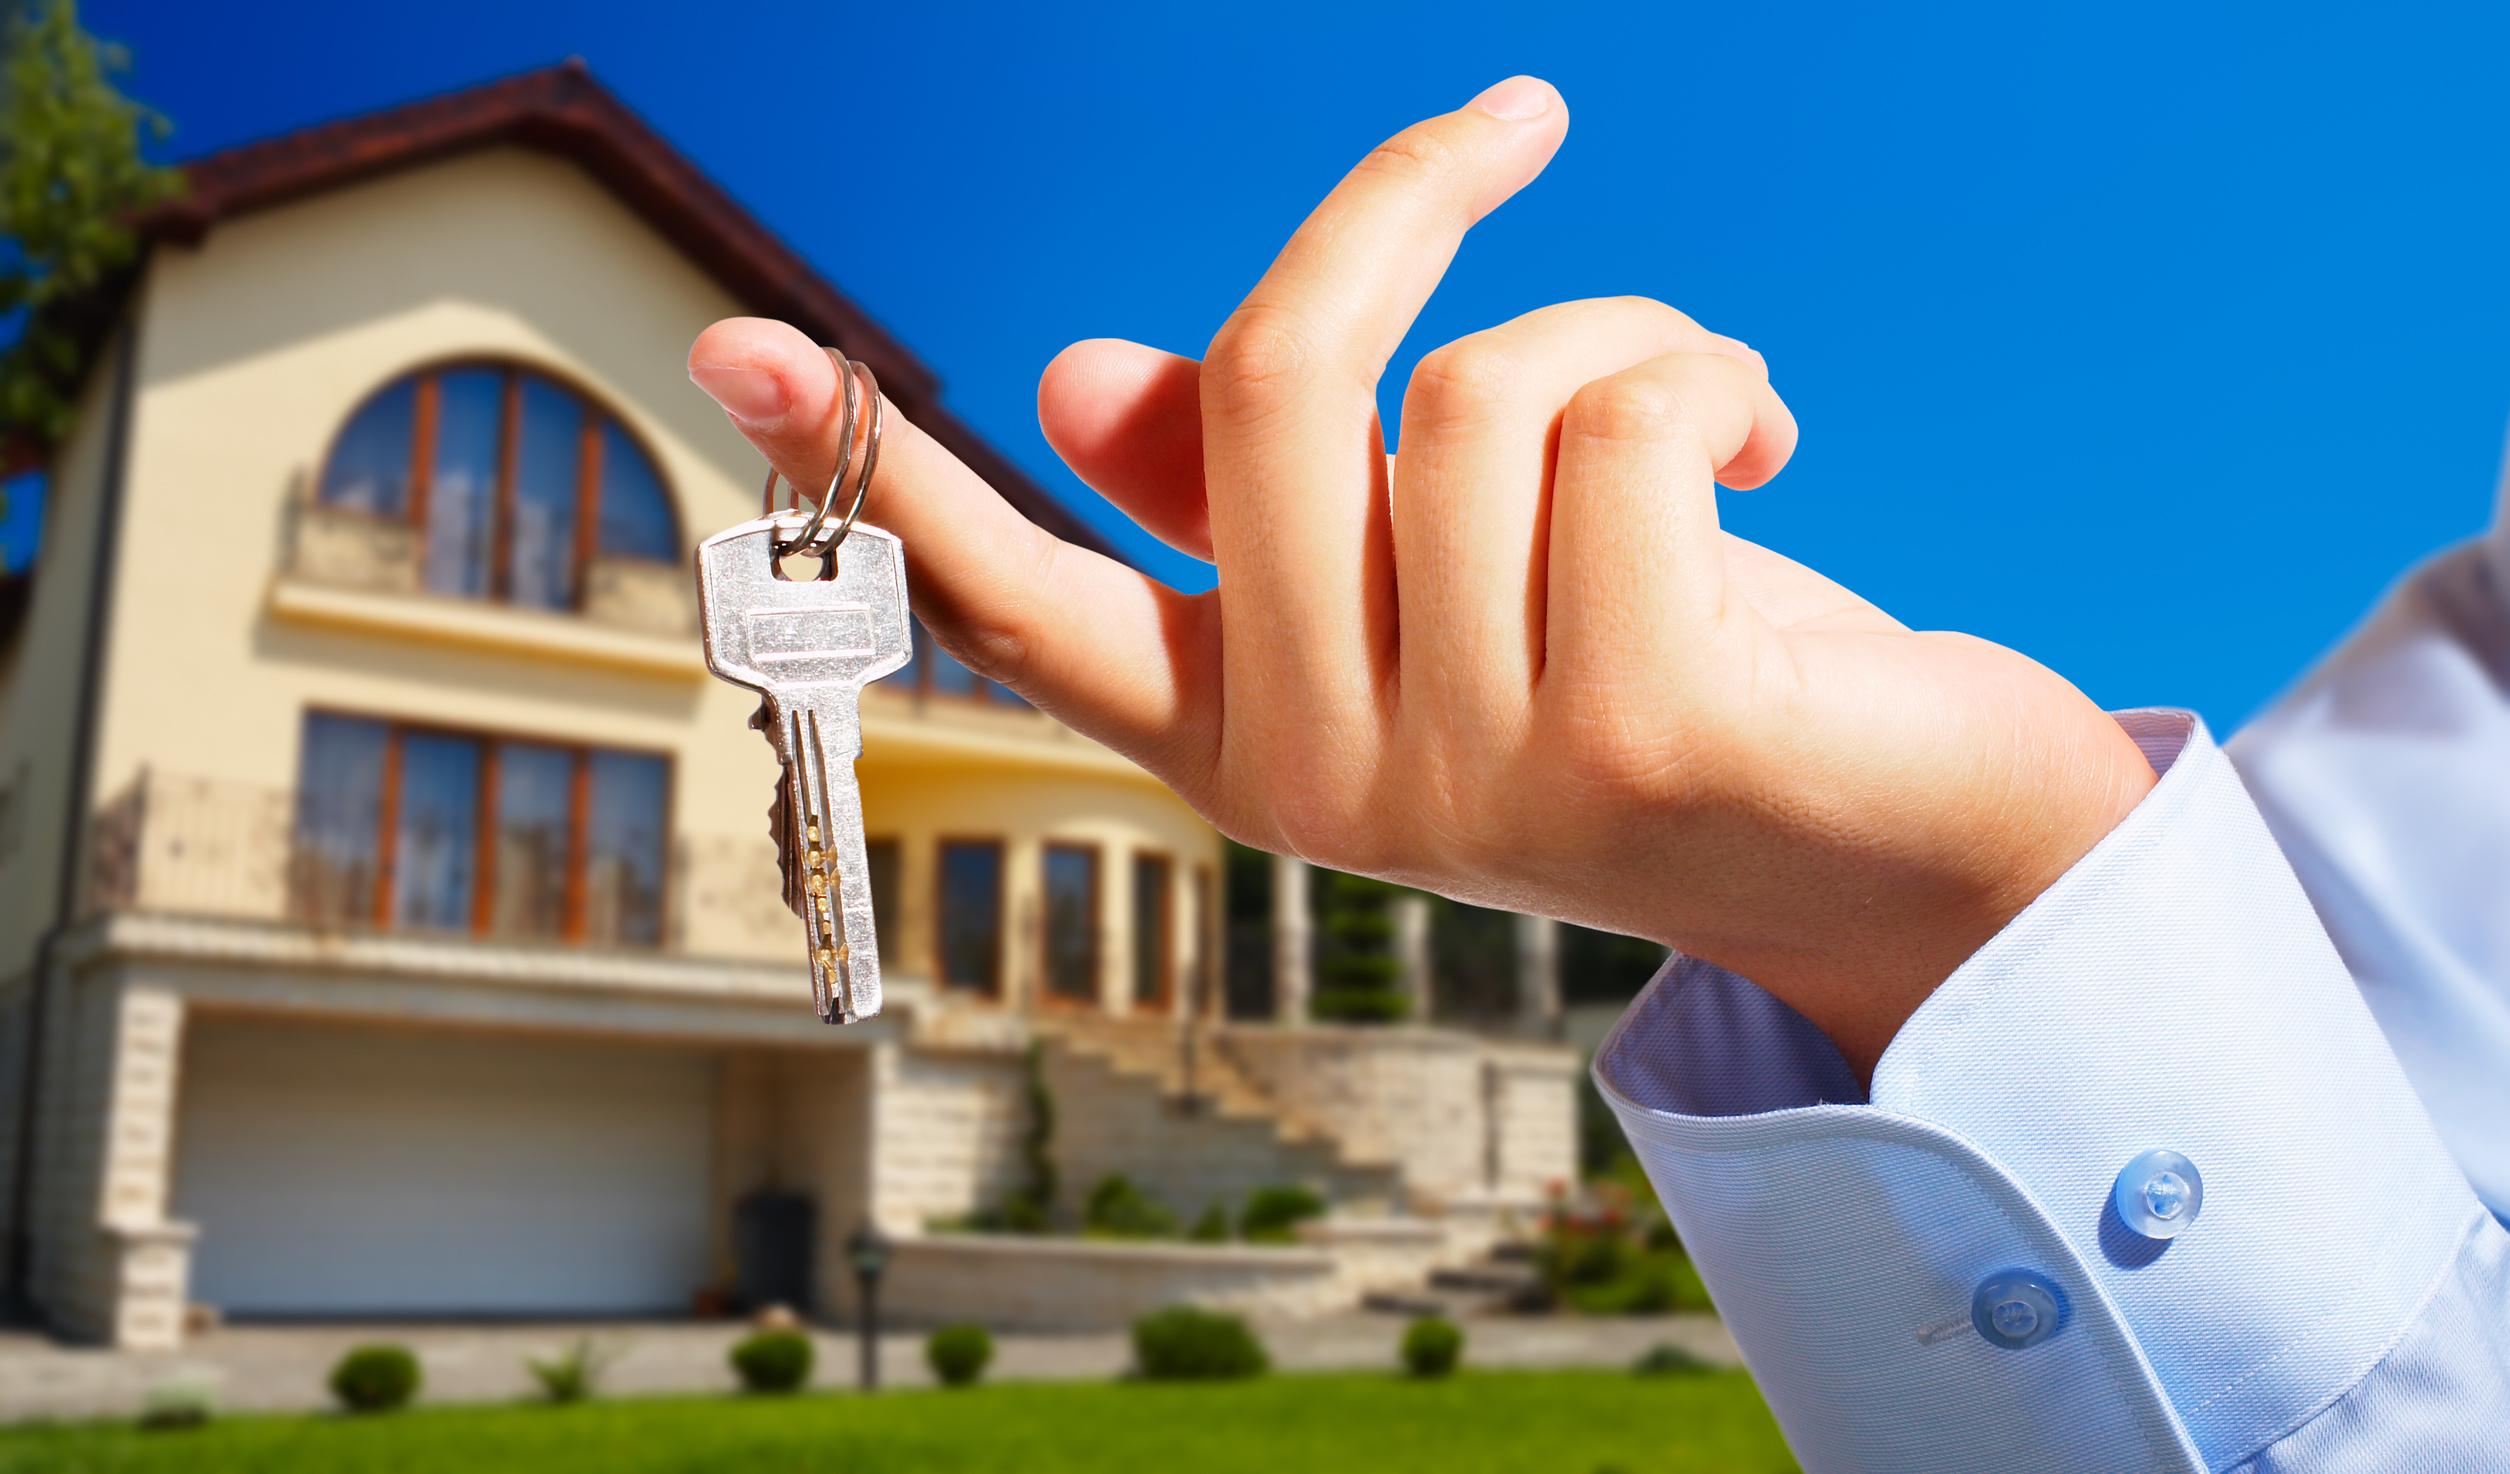 Le marché de l'immobilier en 3 chiffres